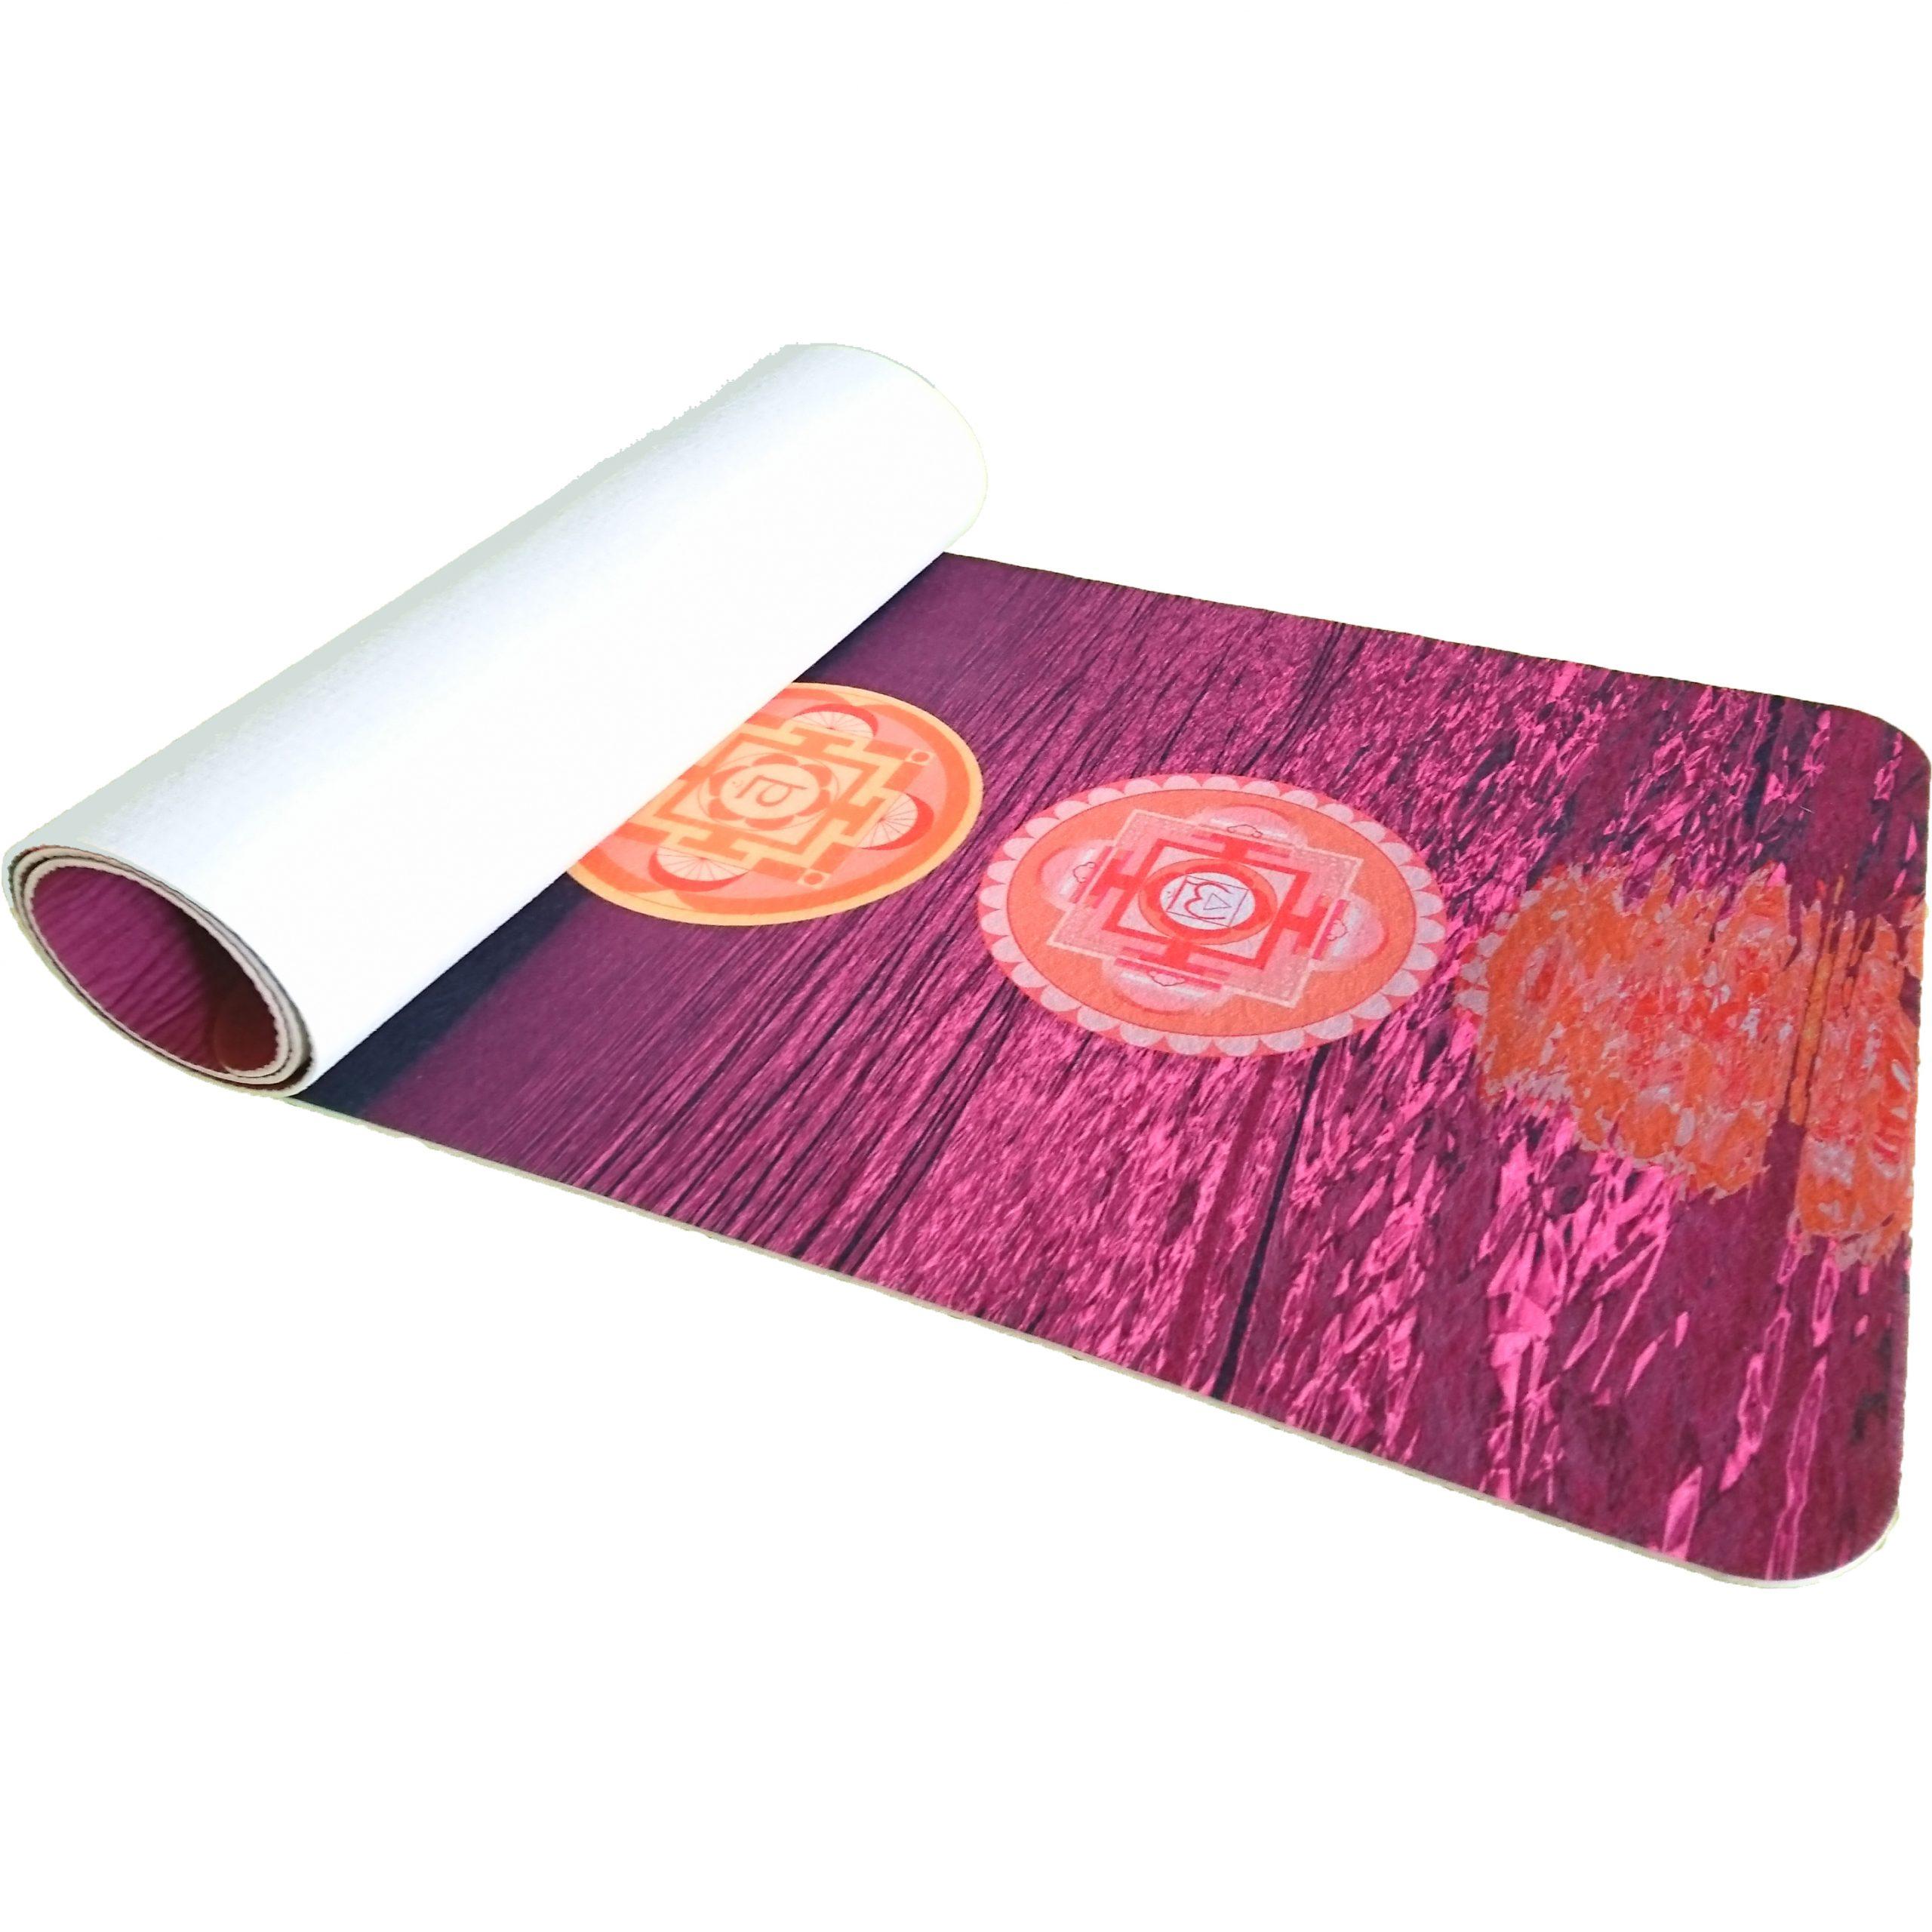 Full color bedrukte fitmess mat goedkoop